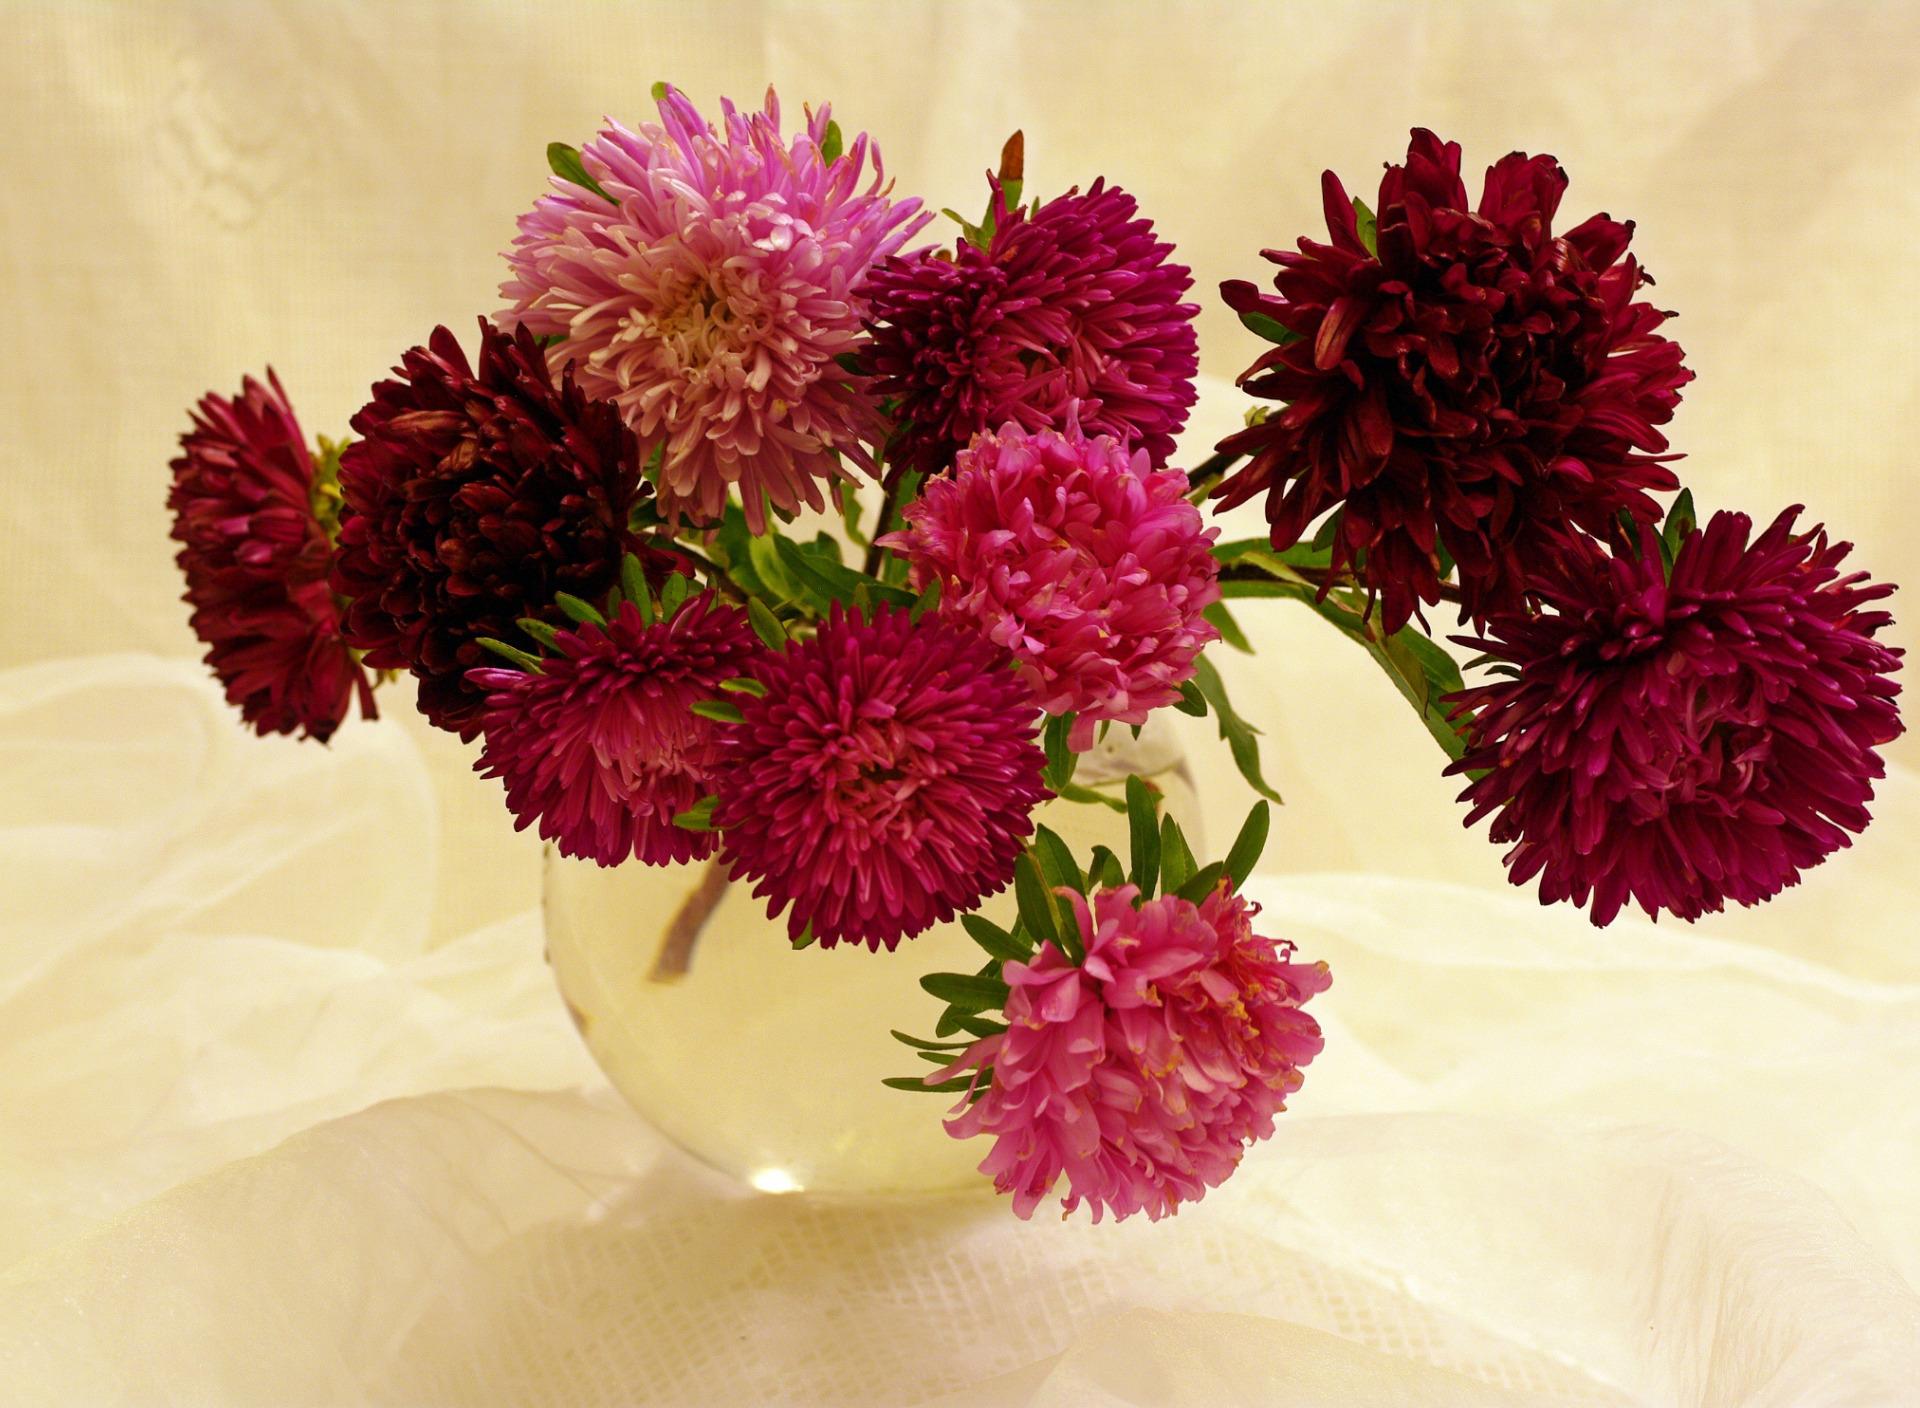 картинки букет астр цветы игрушка или другое